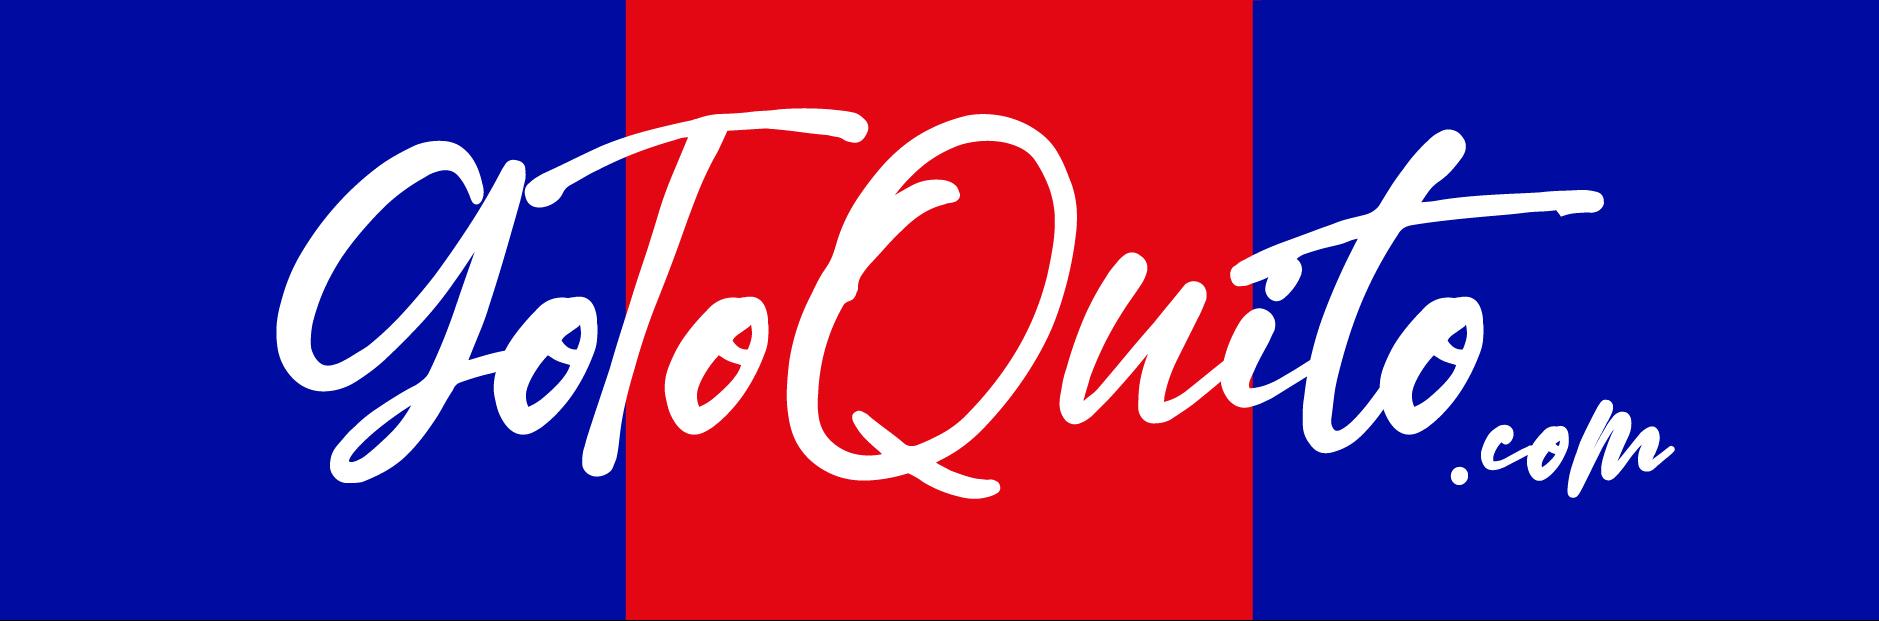 GO TO QUITO